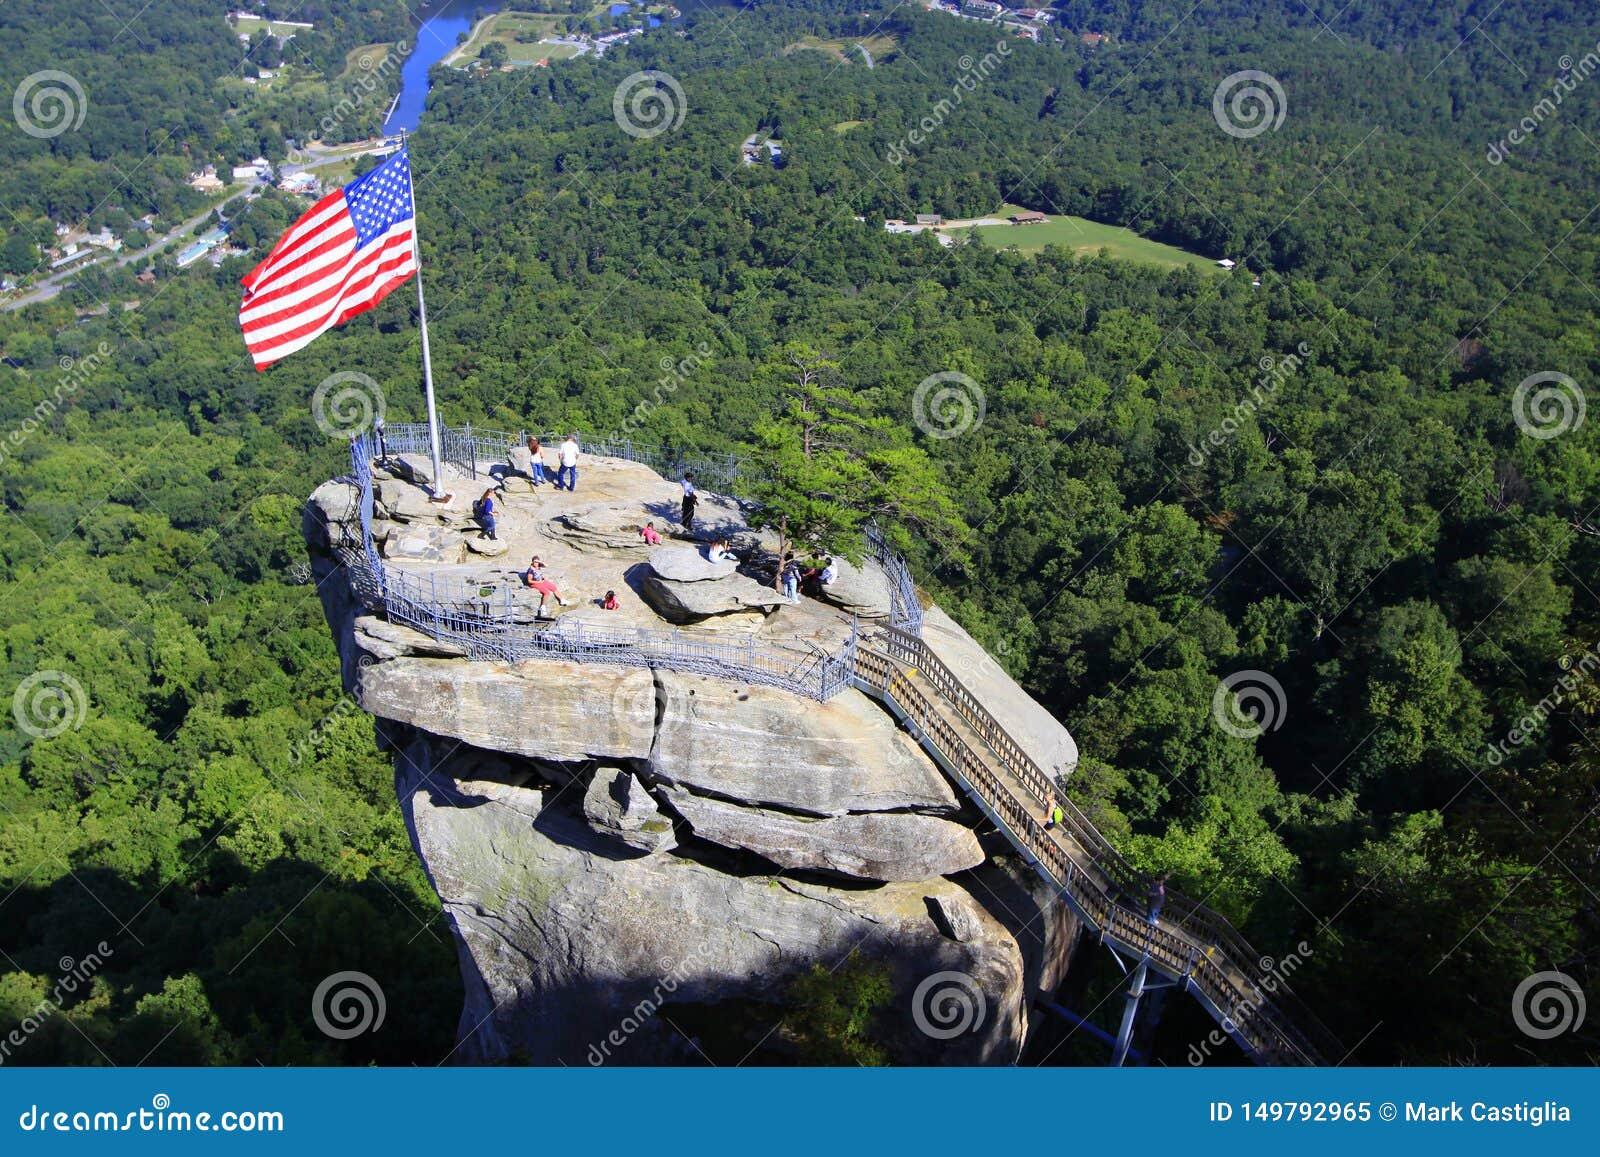 Flaga amerykańska i turyści przy kominem Kołysamy w Pólnocna Karolina, usa